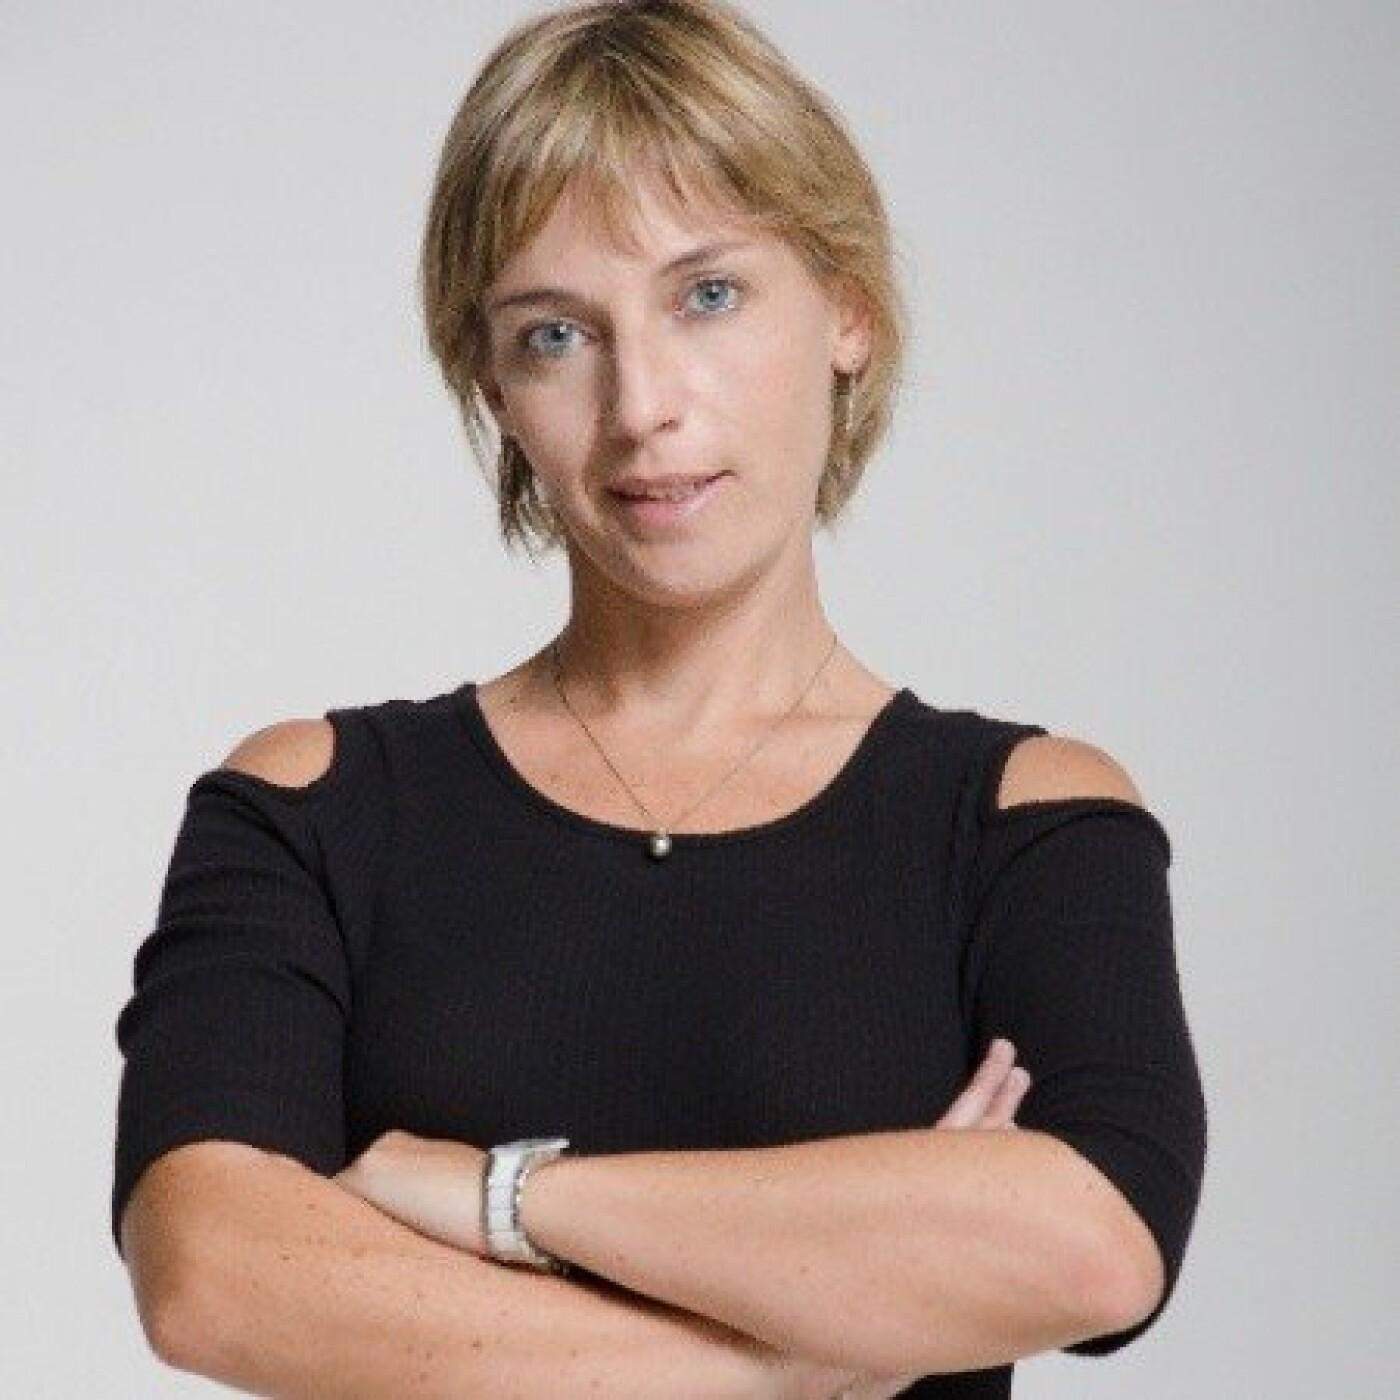 Nadia, depuis Barcelone, présente son blog Conjoints d'Expat - 30 04 2021 - StereoChic Radio